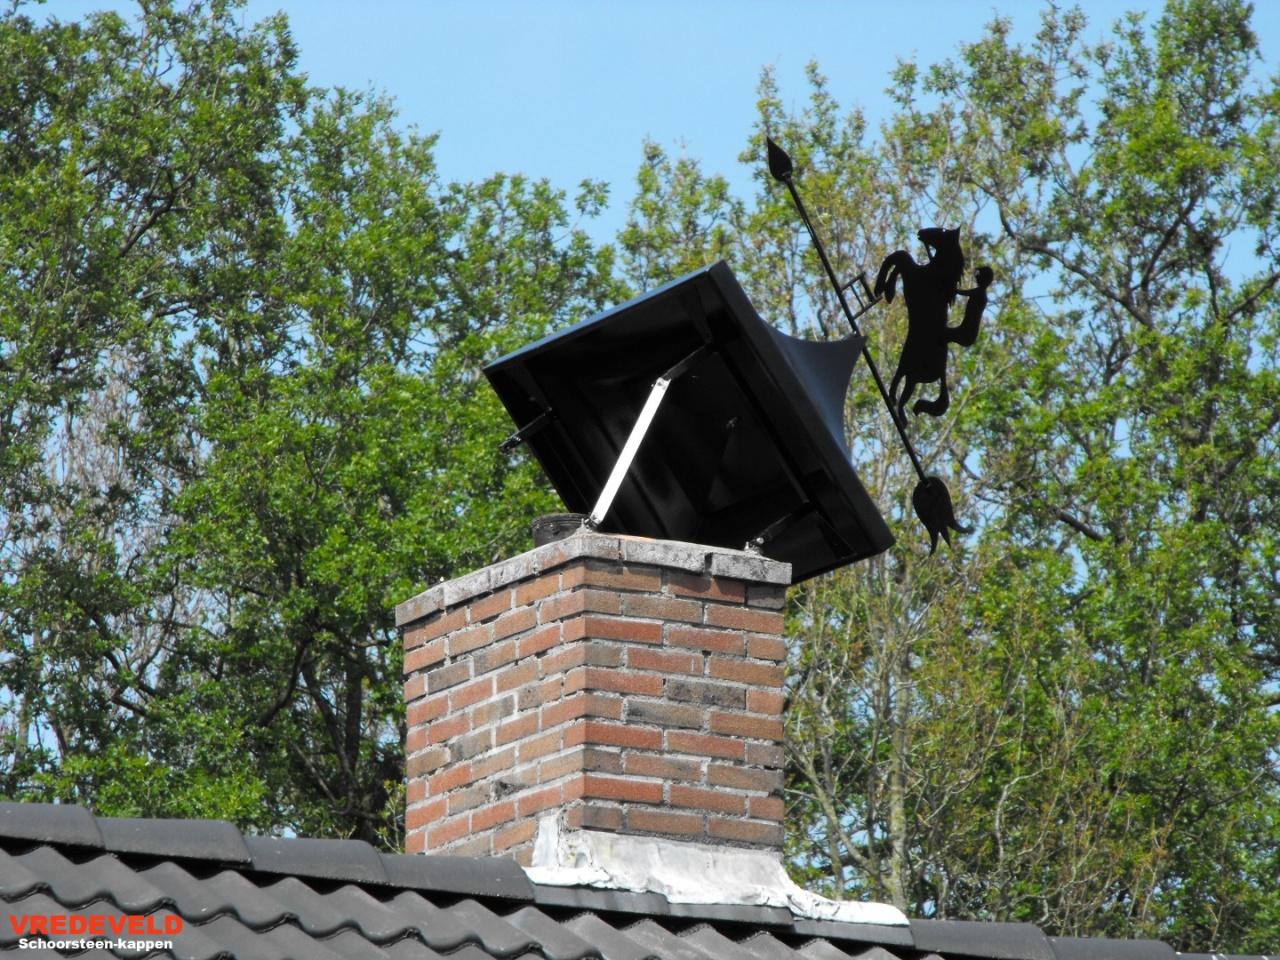 kantelbare landelijke schoorsteenkappen